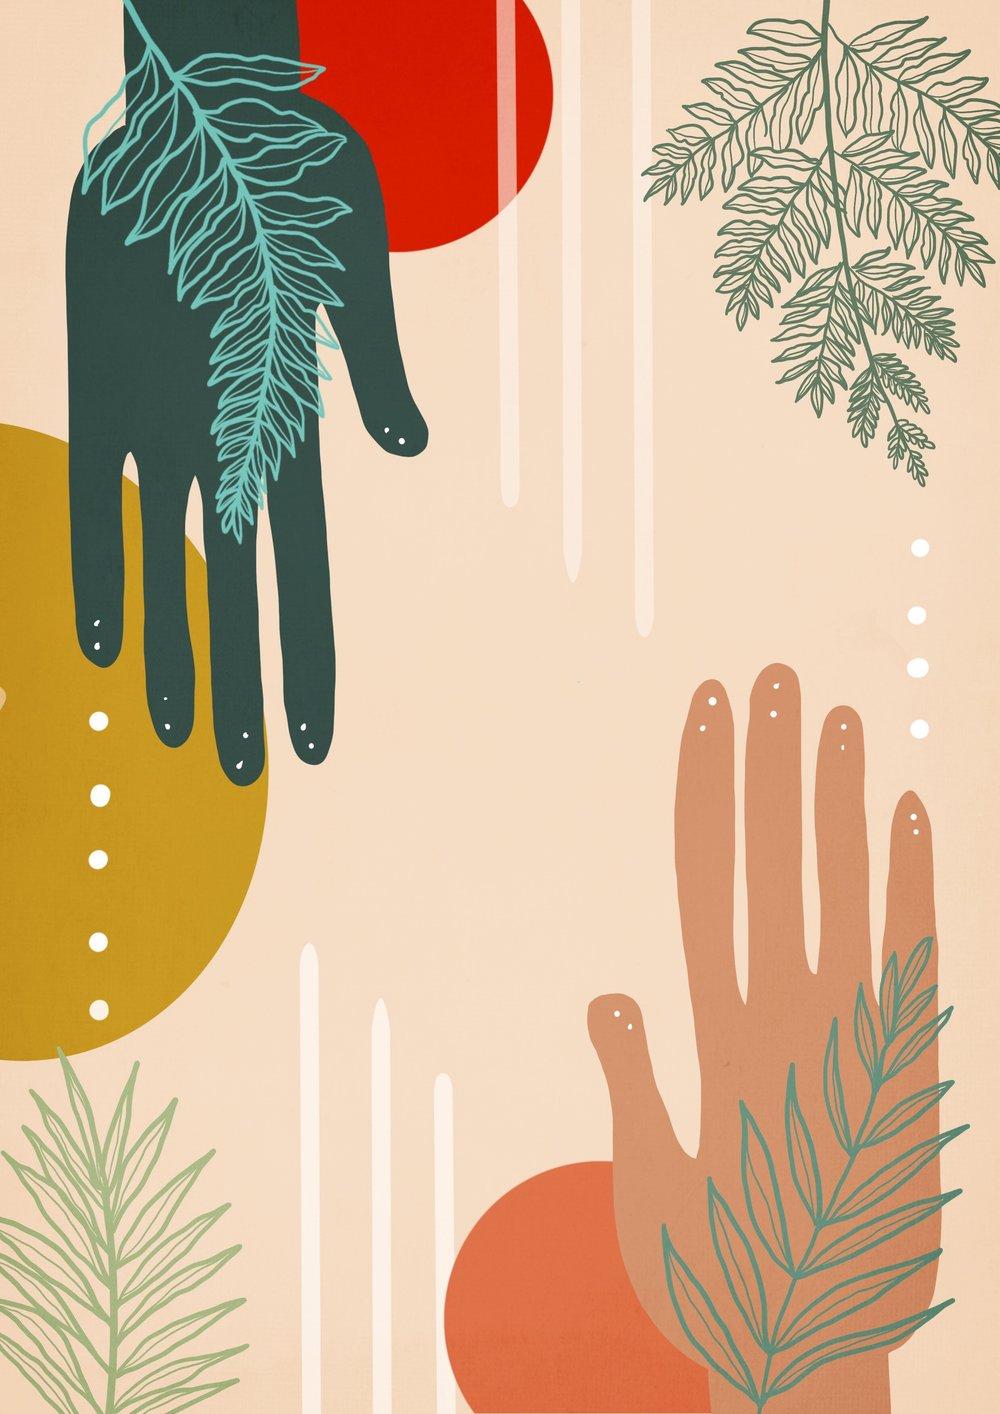 Plants & Hands